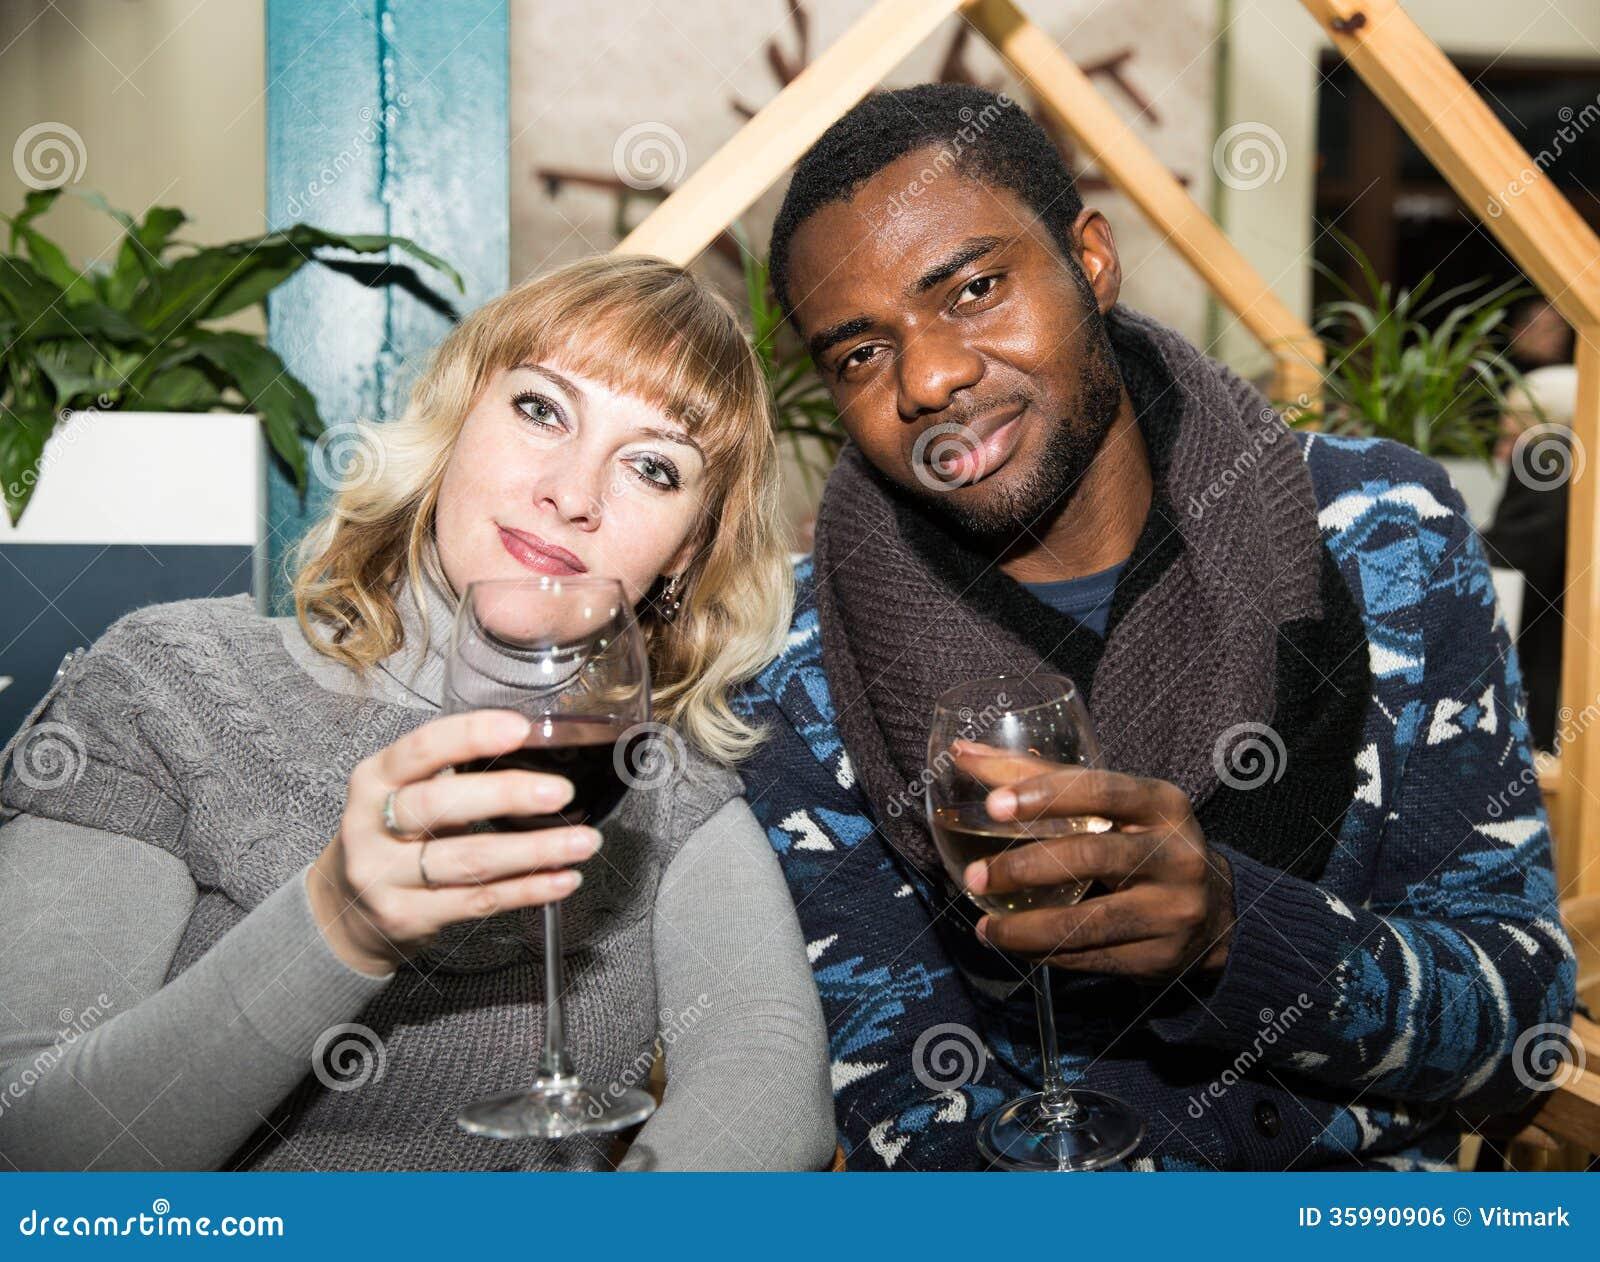 Svart man vit kvinna kärlek